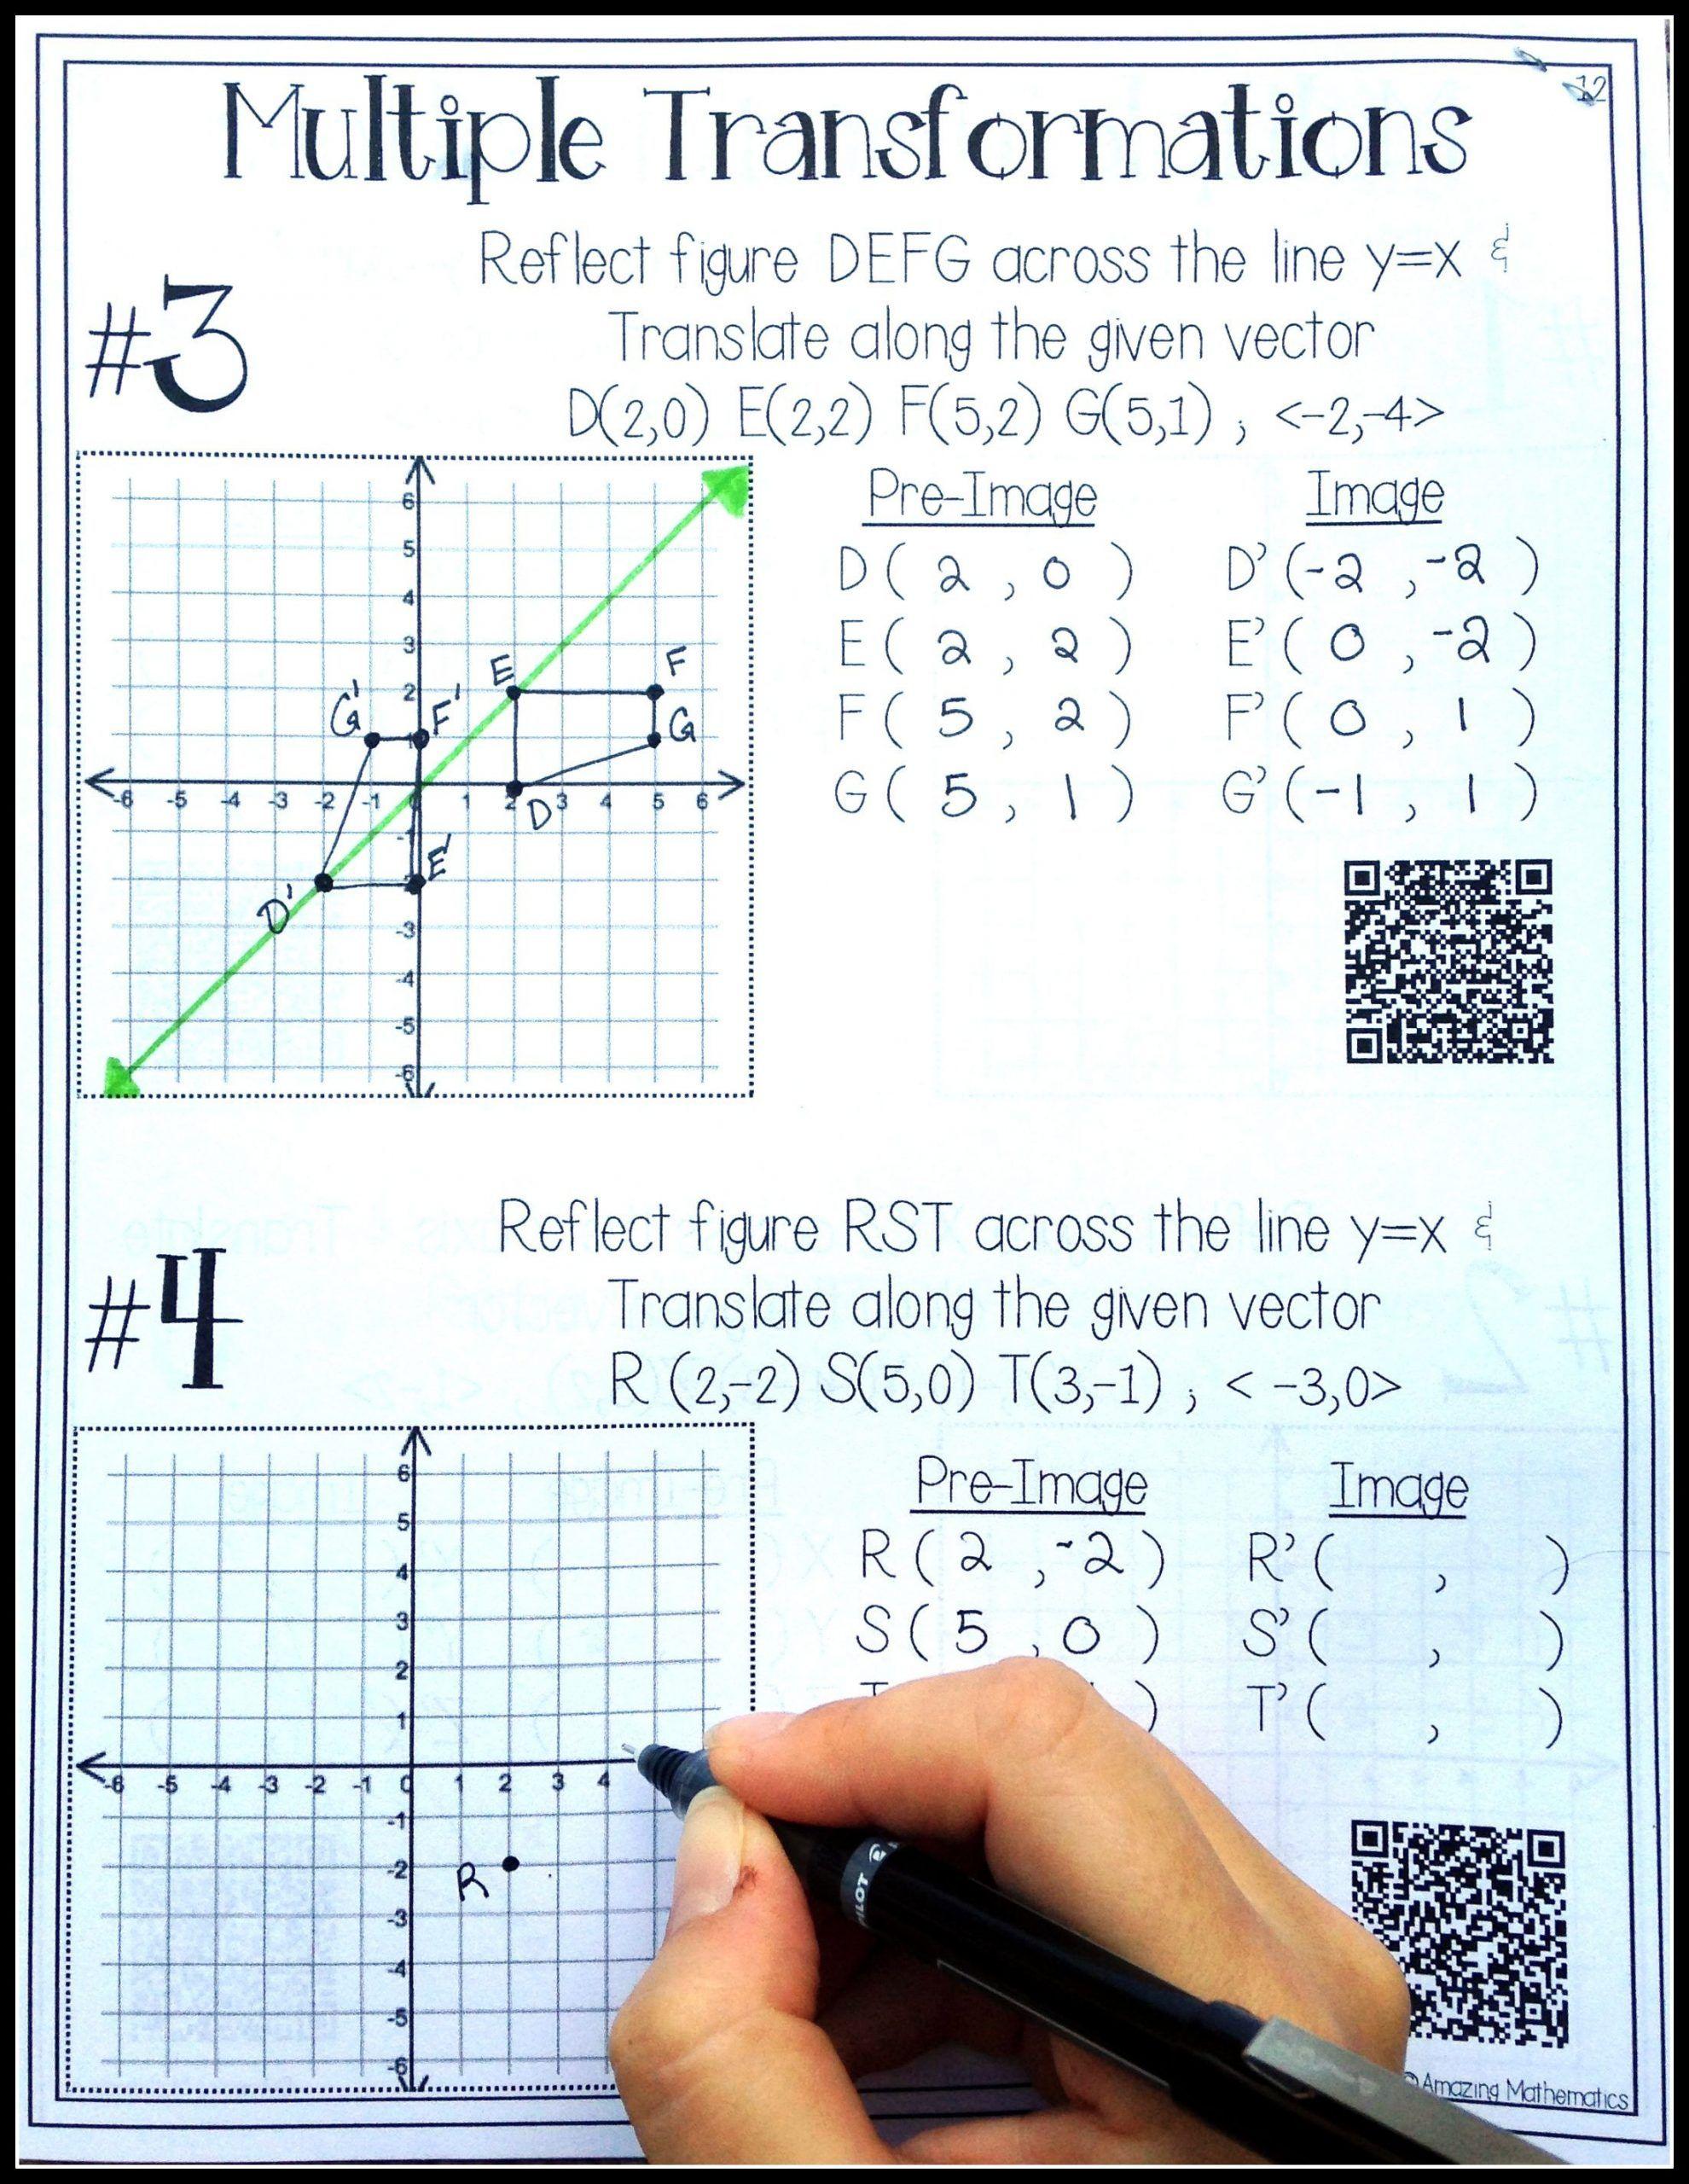 Geometry Worksheets 10th Grade Hs Geometry Transformations Workbook Translations In 2020 Hs Geometry Geometry Worksheets Translations Math